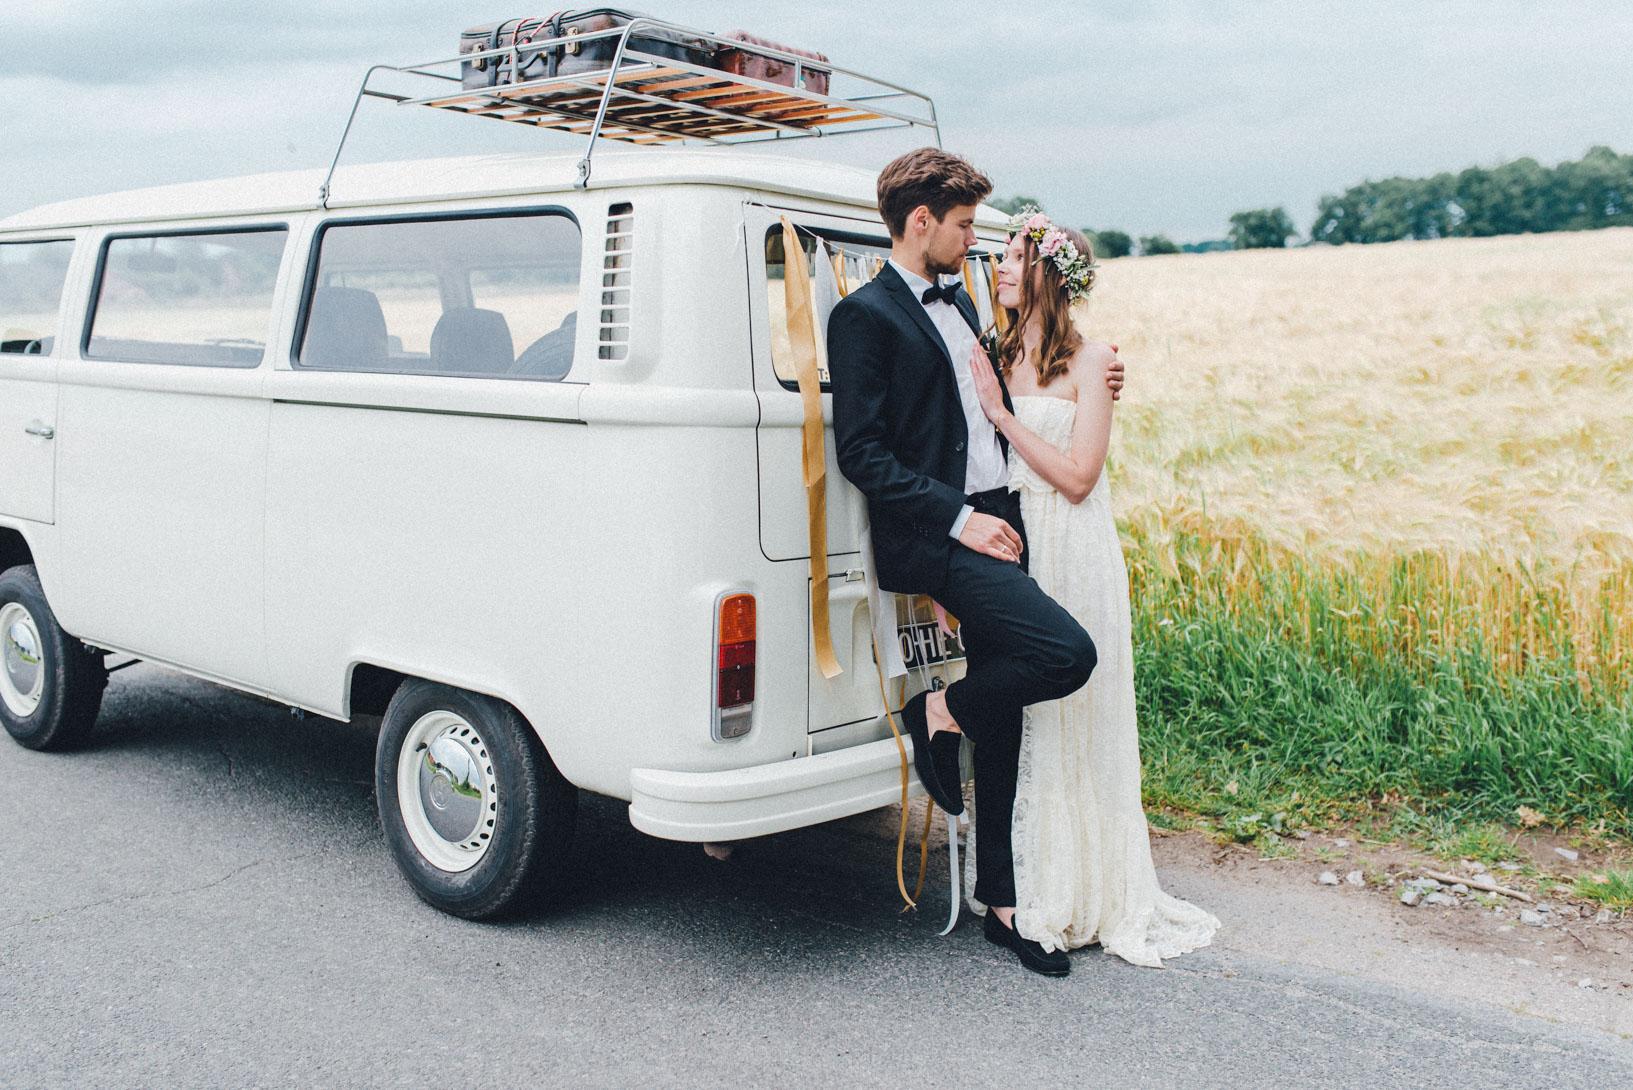 DIY-Hochzeit-gold-VW-Bully-103 Janet & Pierre DIY Midsummer-Wedding in Gold mit VW BulliDIY Hochzeit gold VW Bully 103